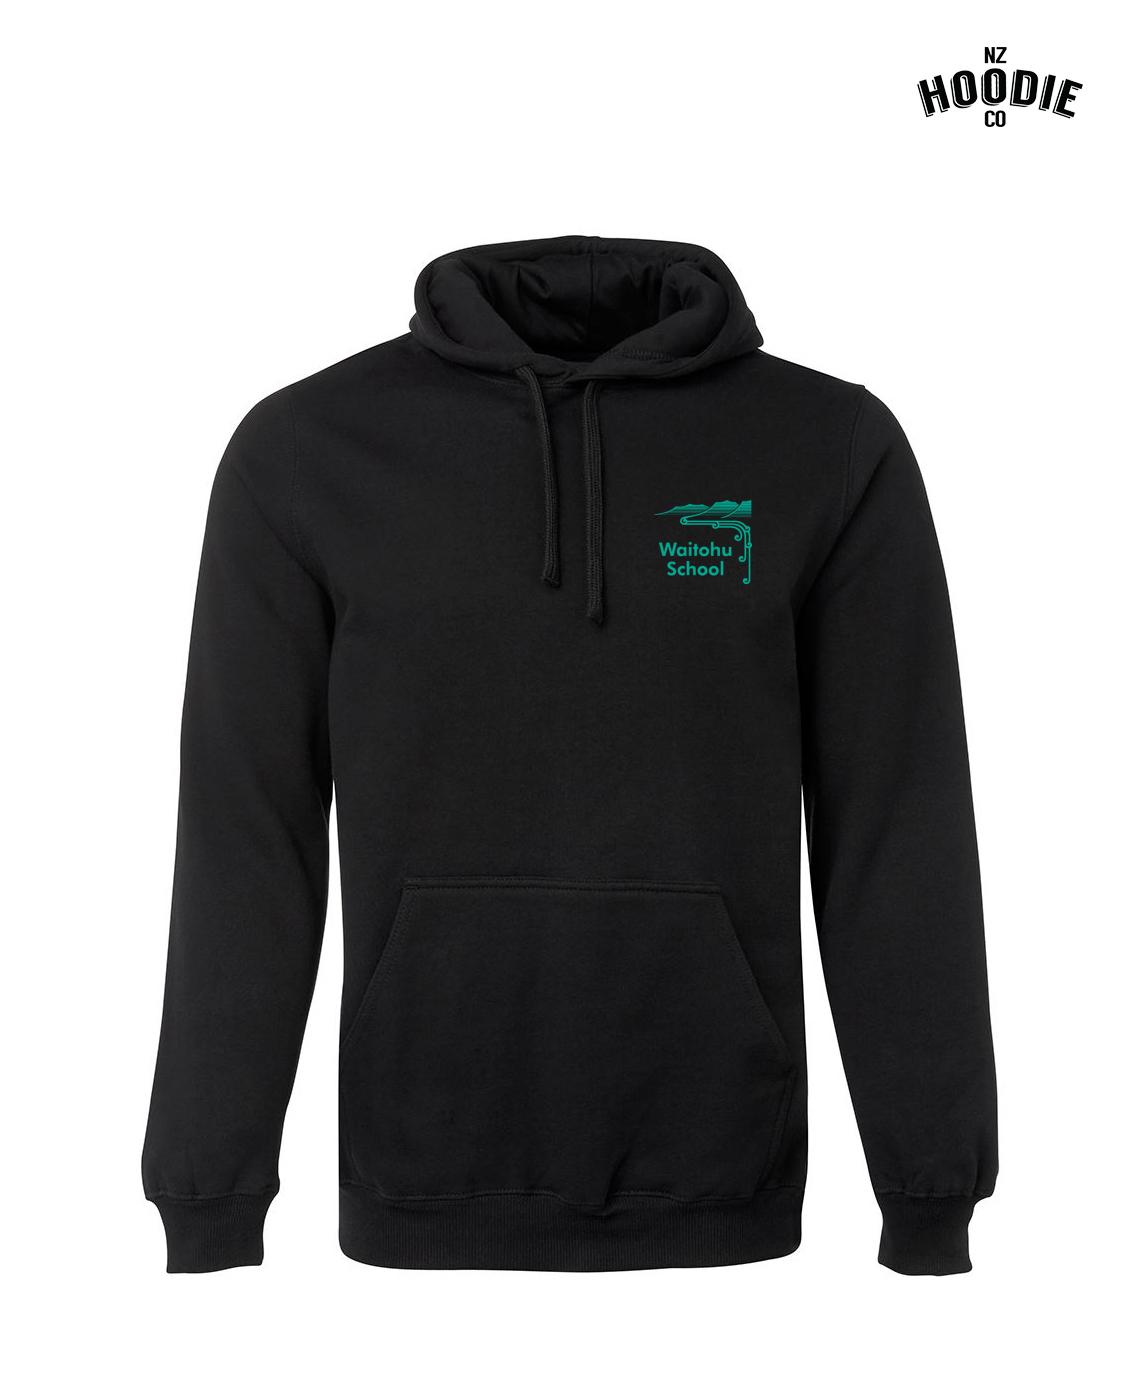 Black hoodie front design green print.jpg